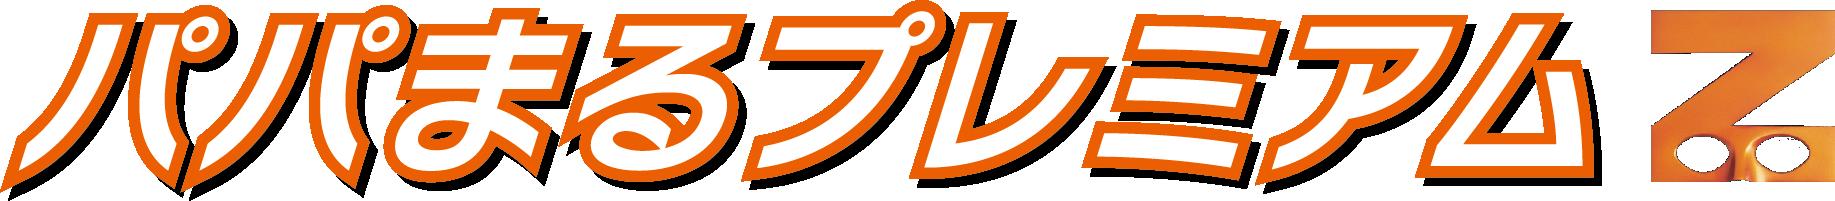 プレミアムZ_logo2_ol